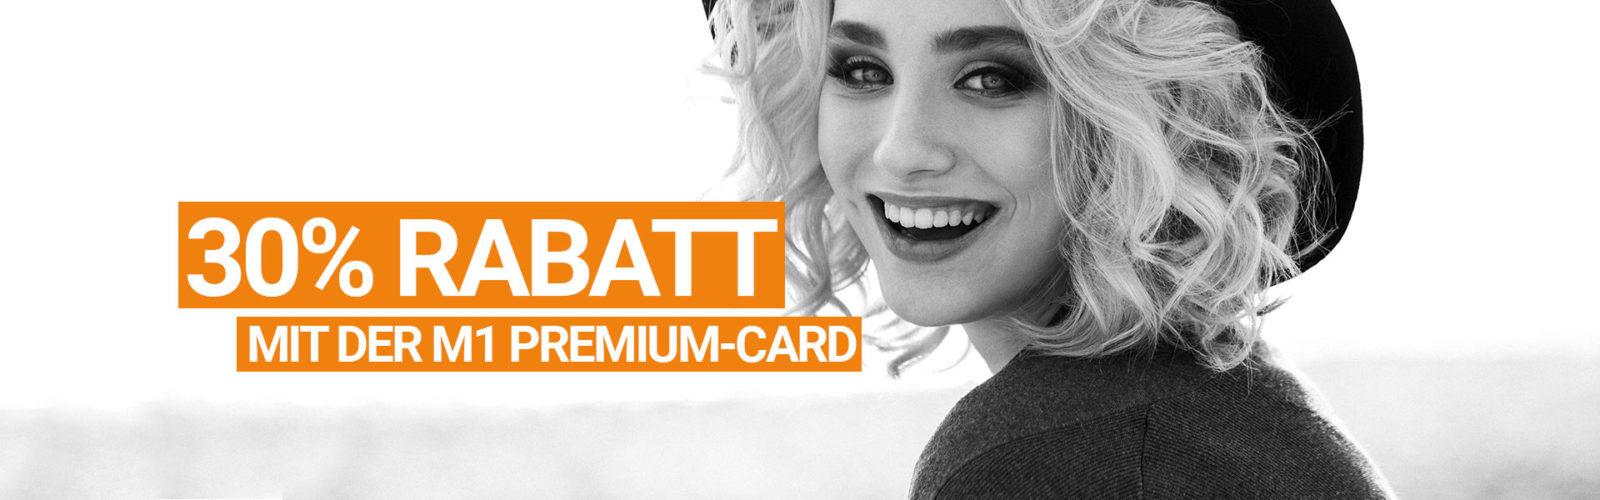 Treuevorteile mit der M1 Premium Card